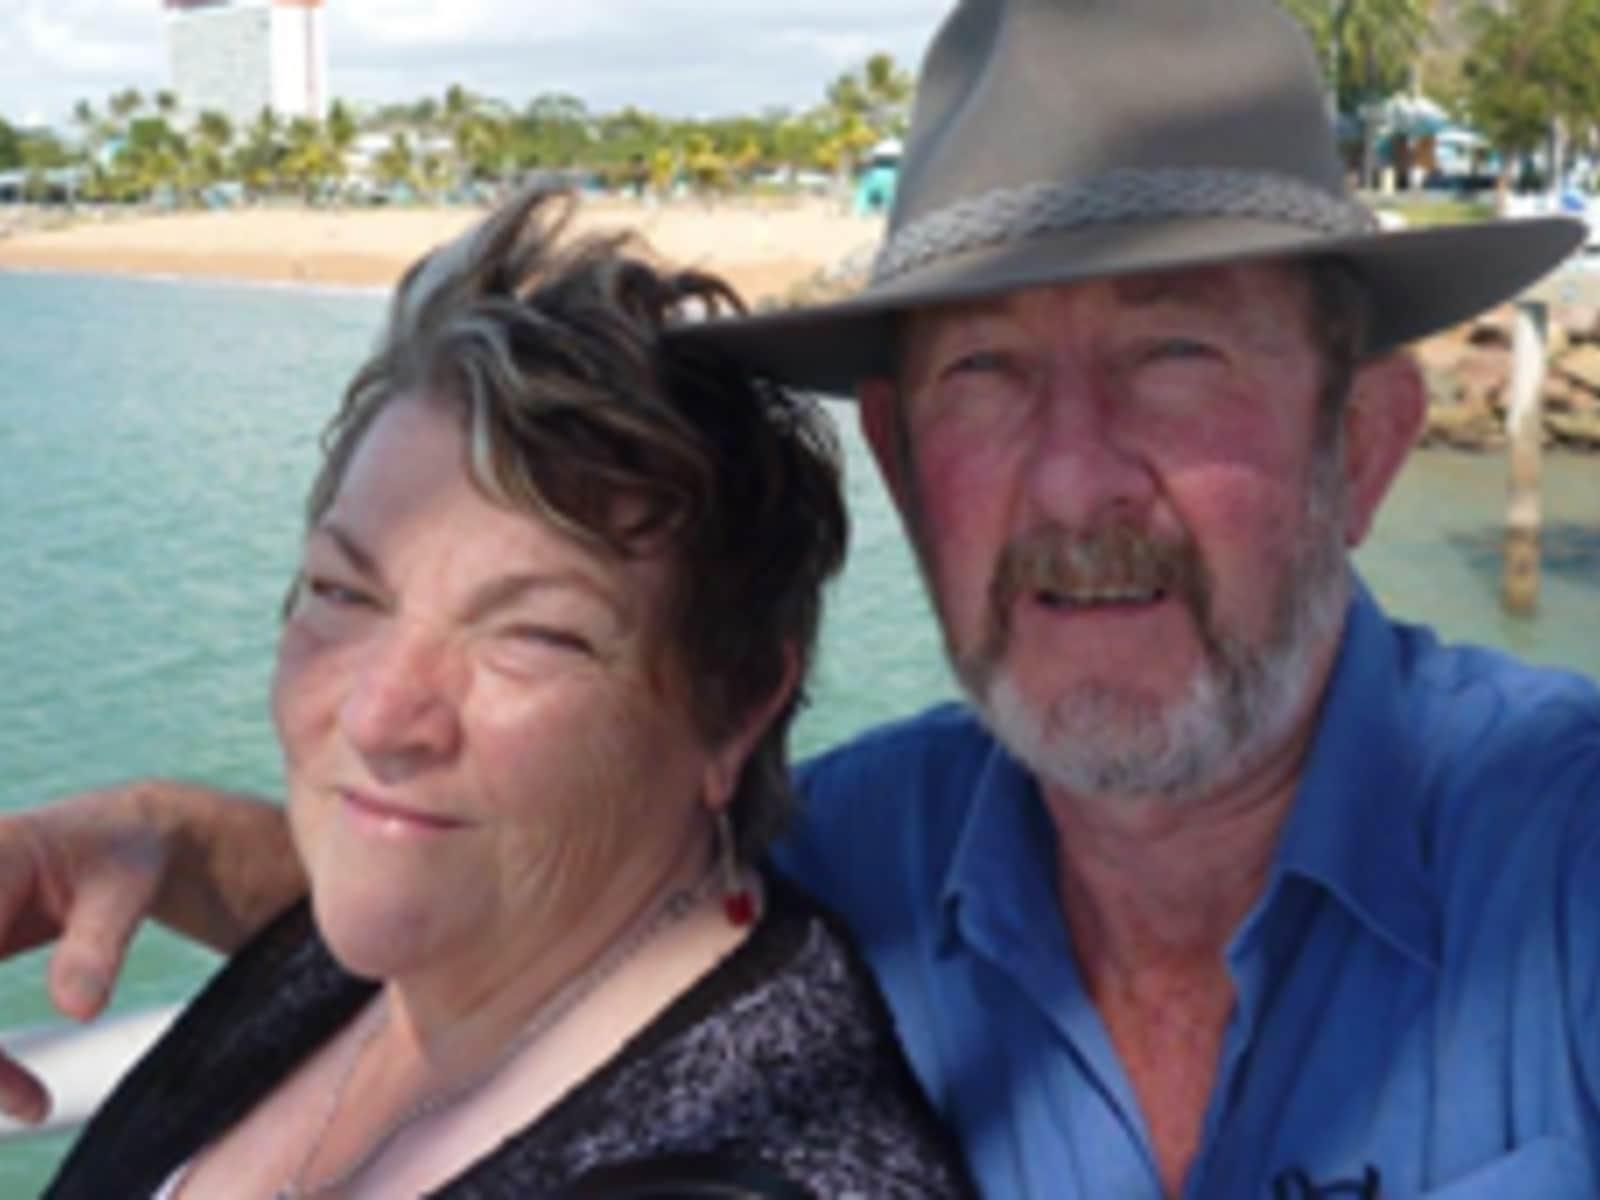 Kate & hamish & Hamish from New Zealand